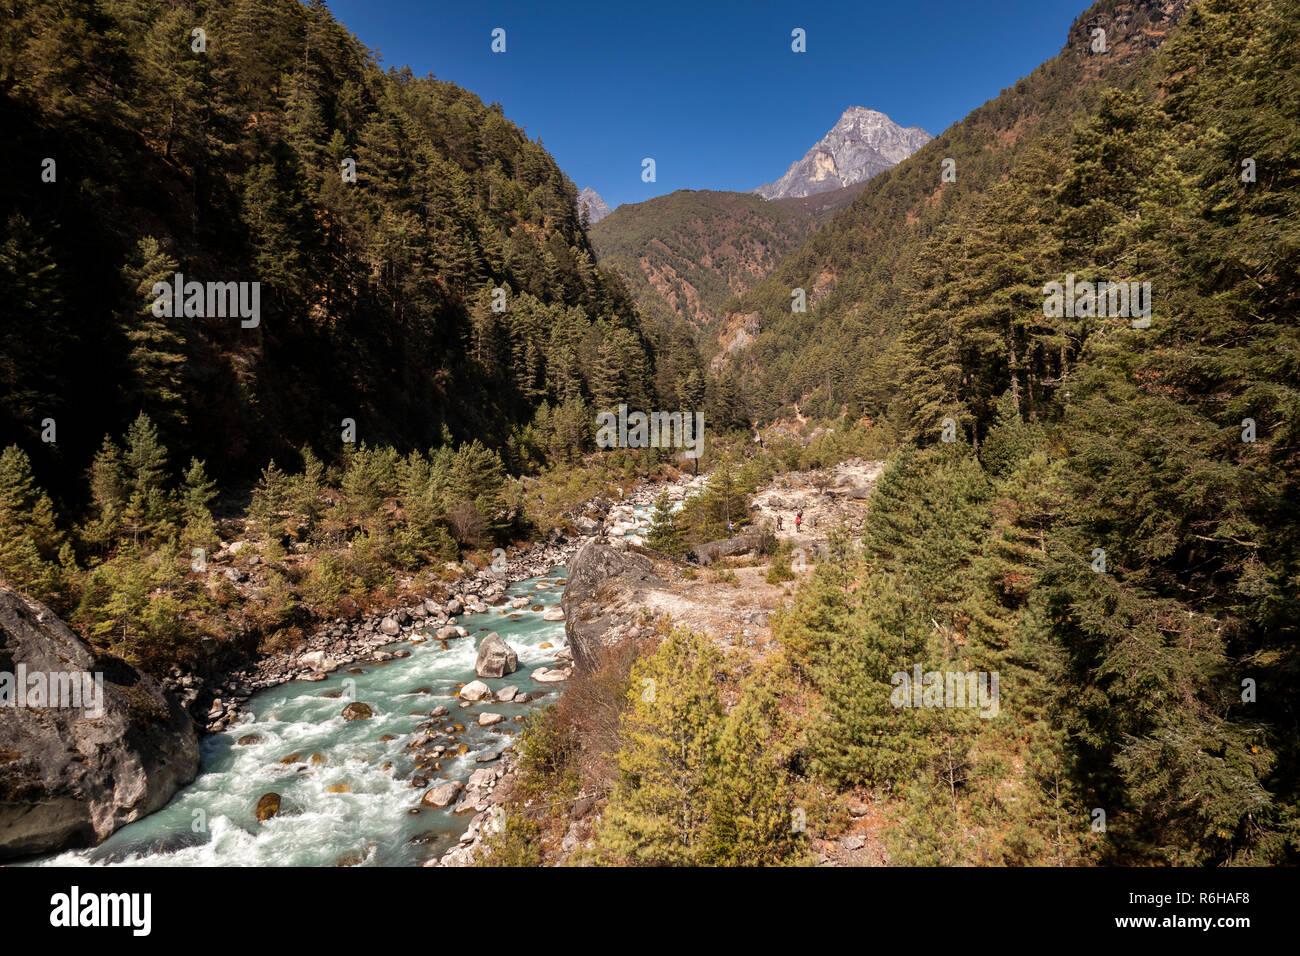 Nepal, Jorsale (Thumbug), Dudh Khosi river - Stock Image